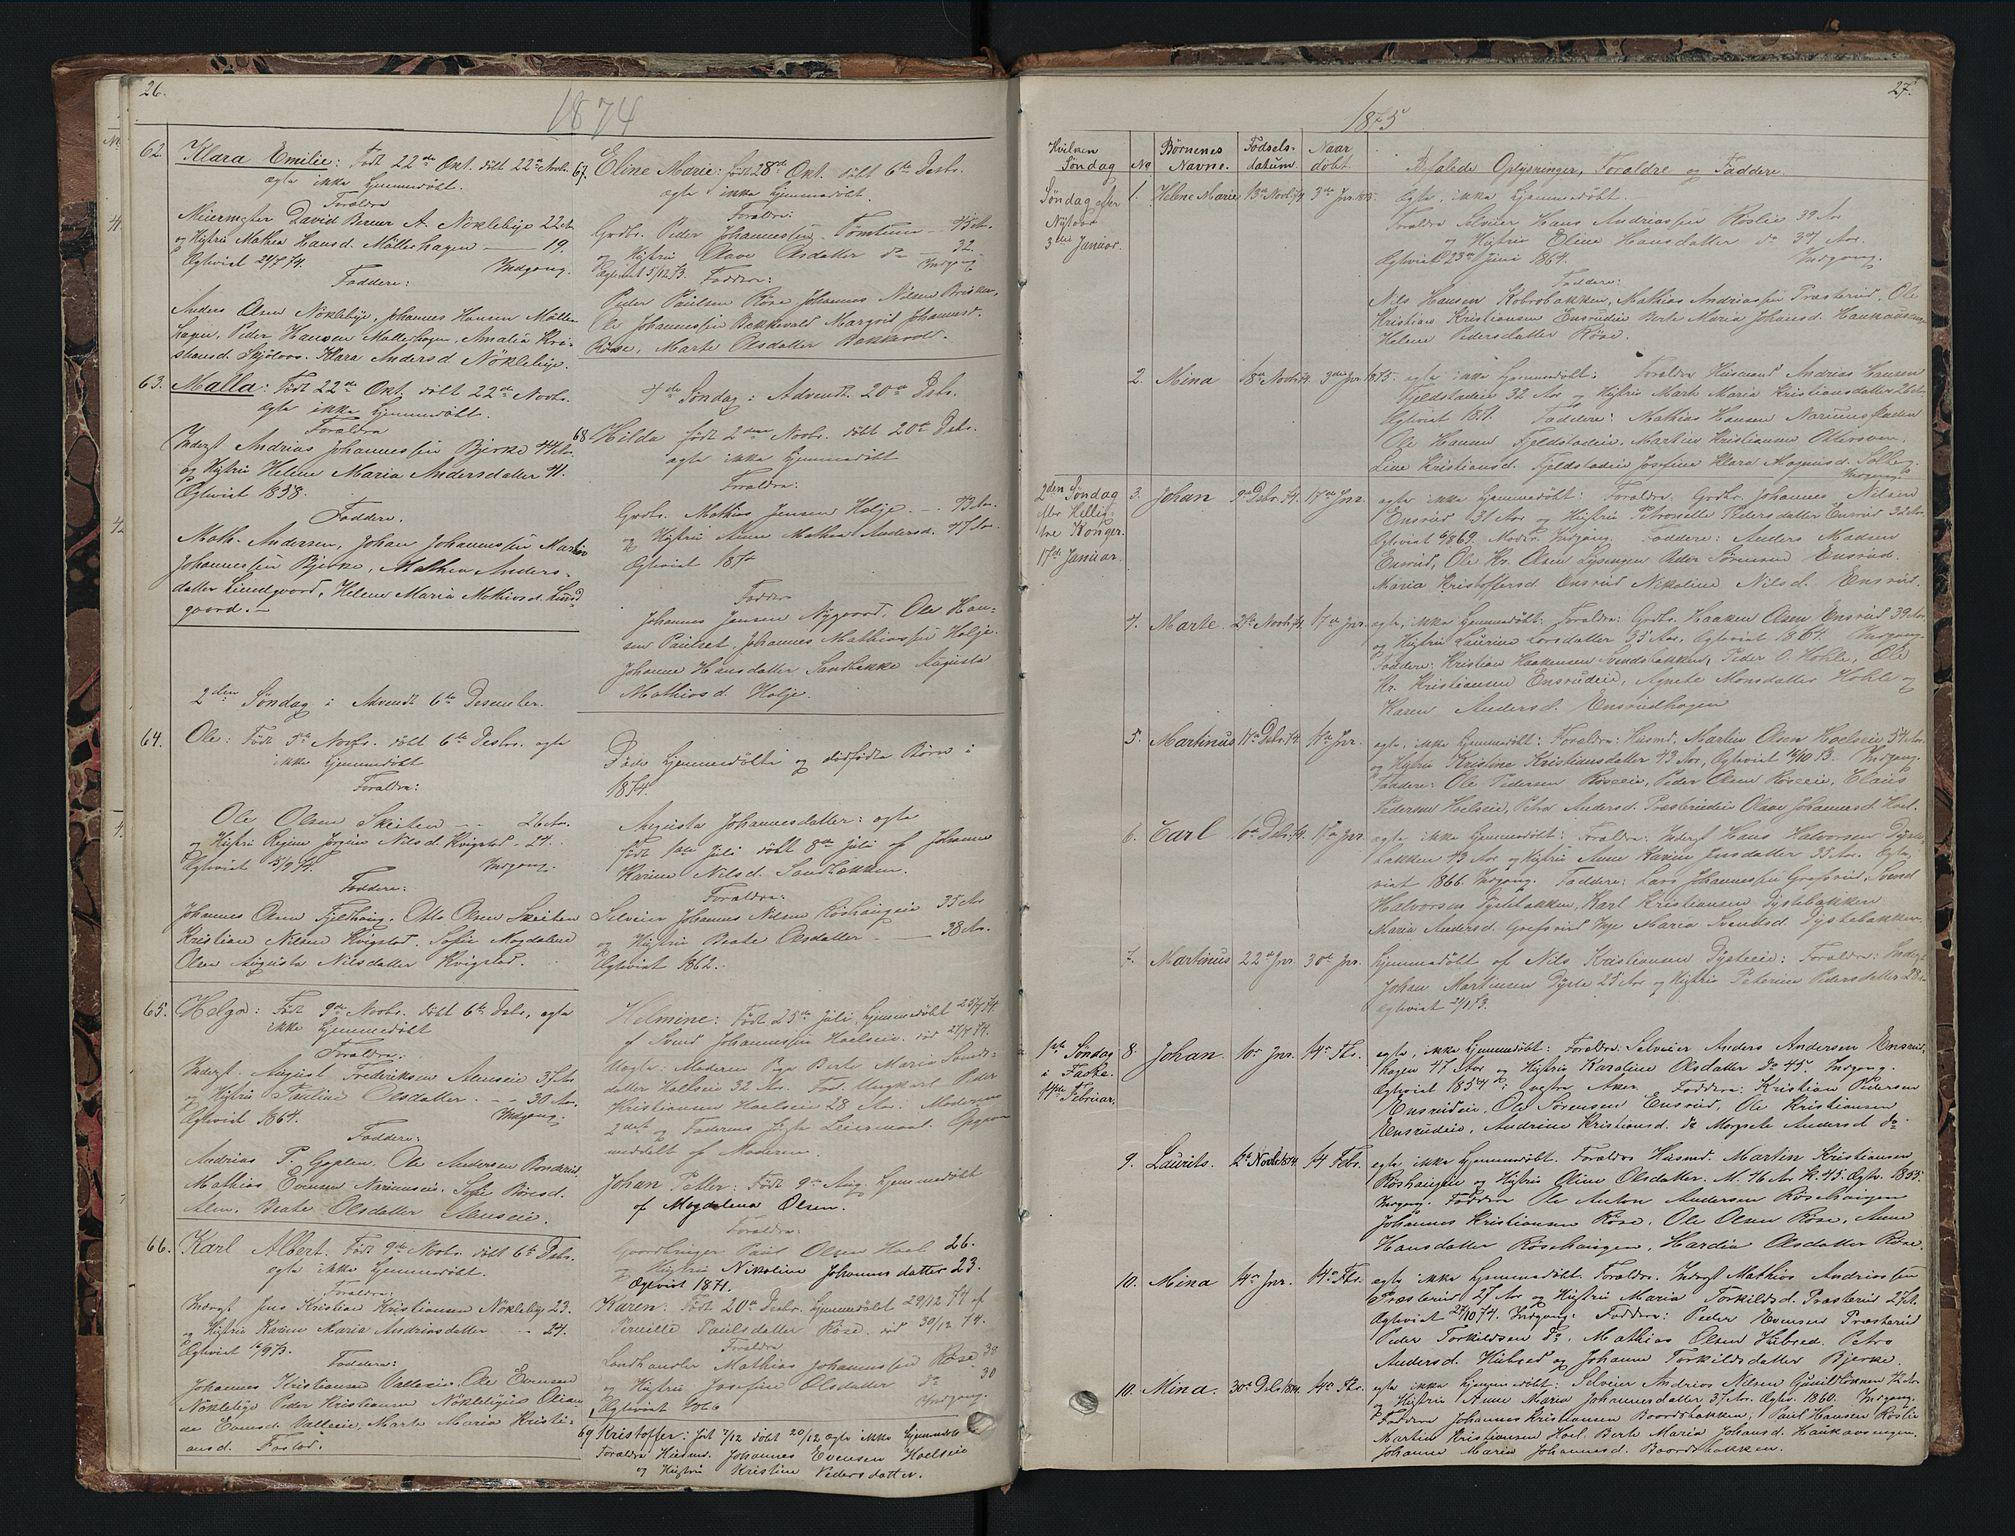 SAH, Vestre Toten prestekontor, Klokkerbok nr. 7, 1872-1900, s. 26-27